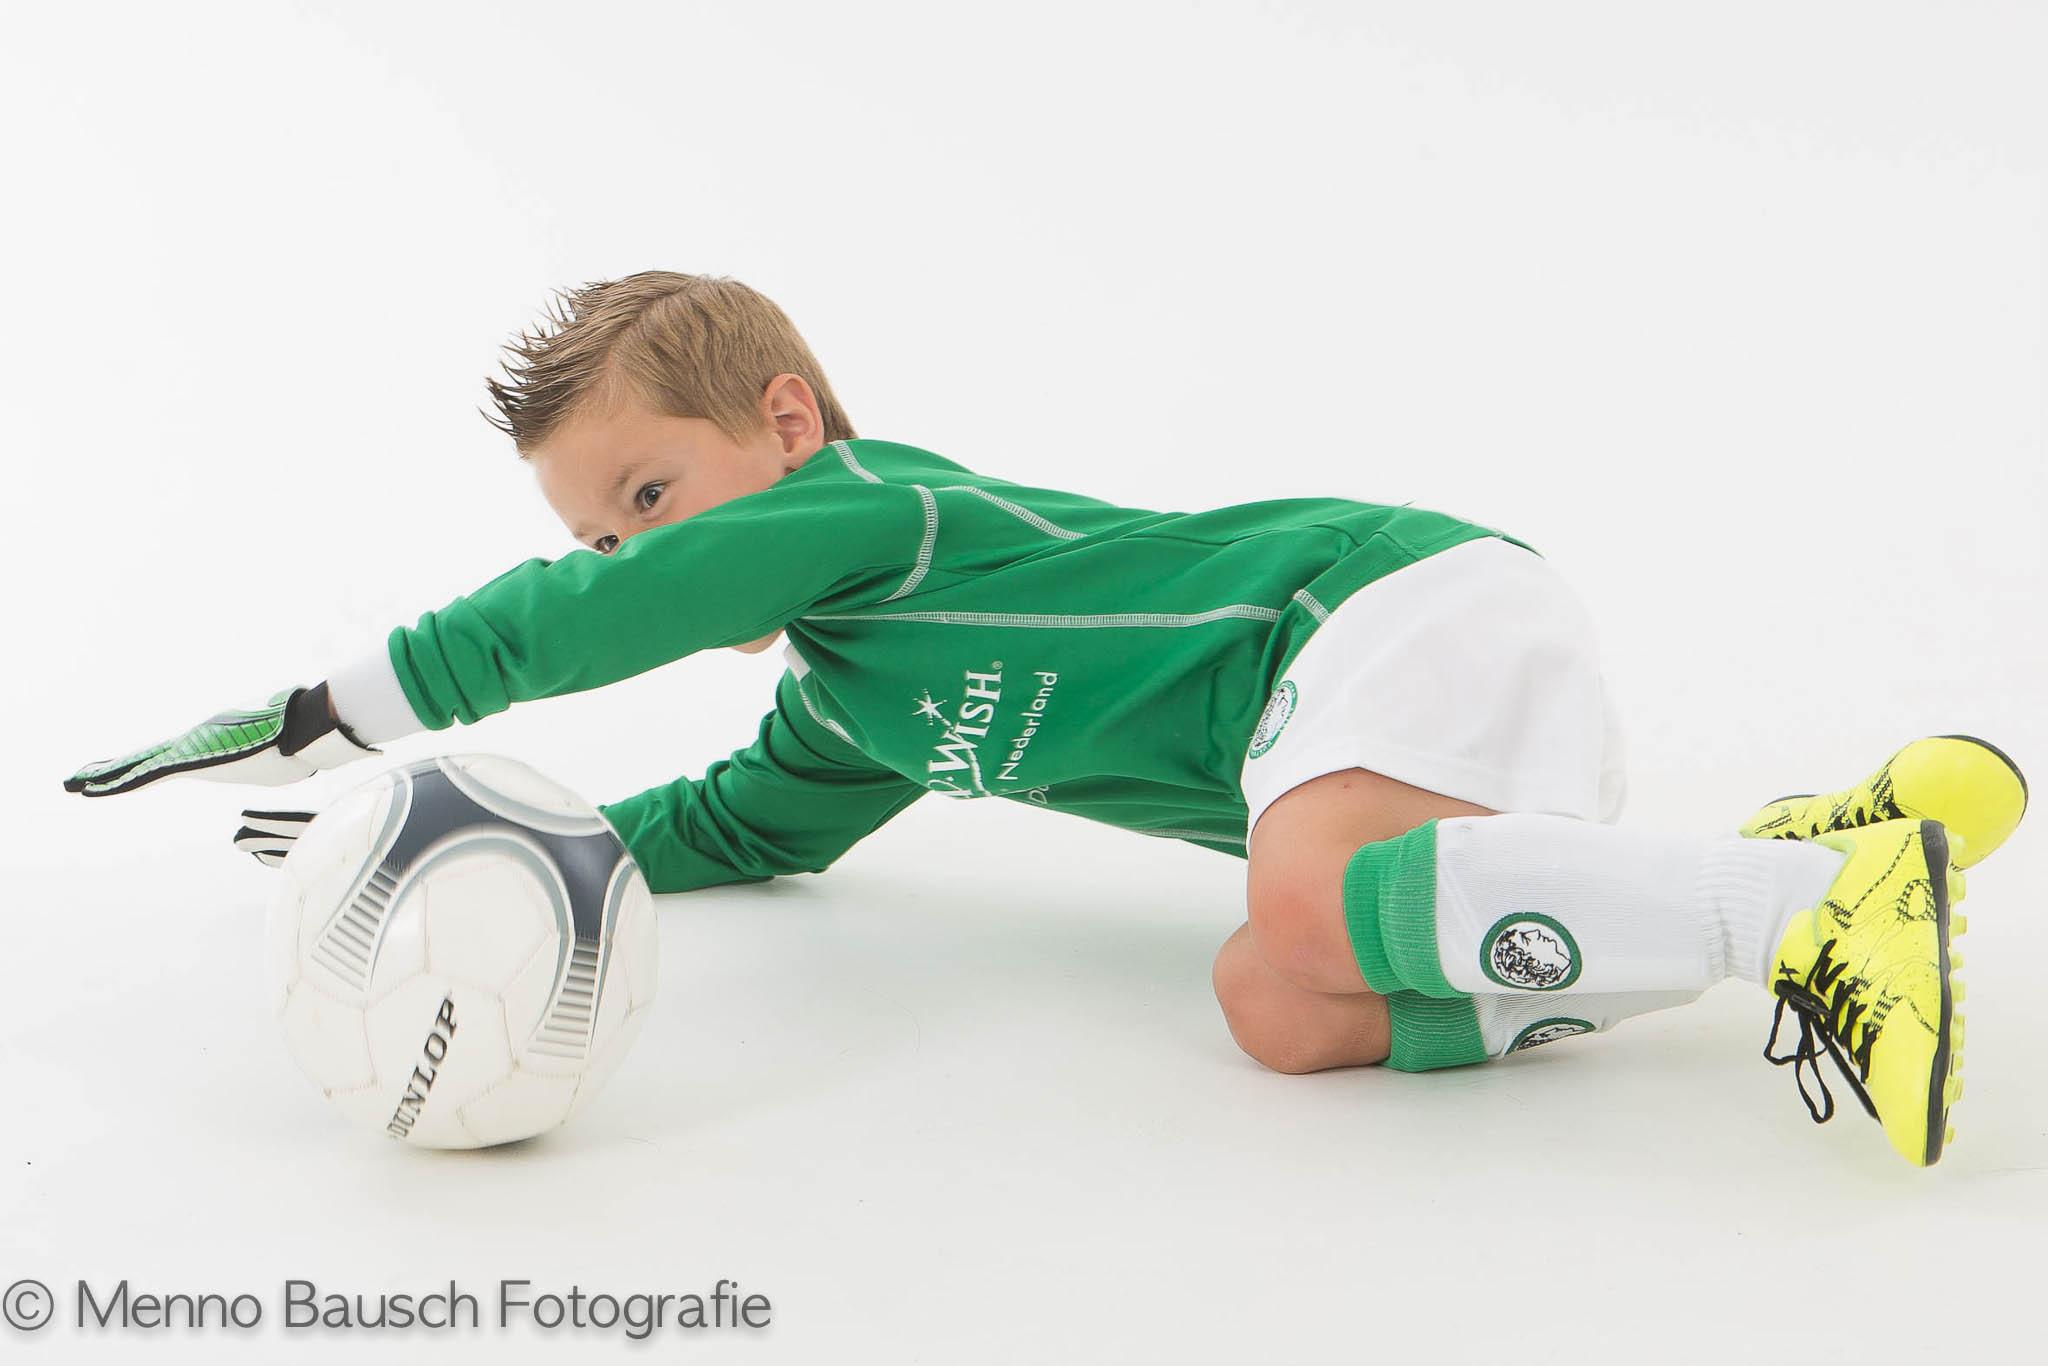 Menno Bausch Fotografie87